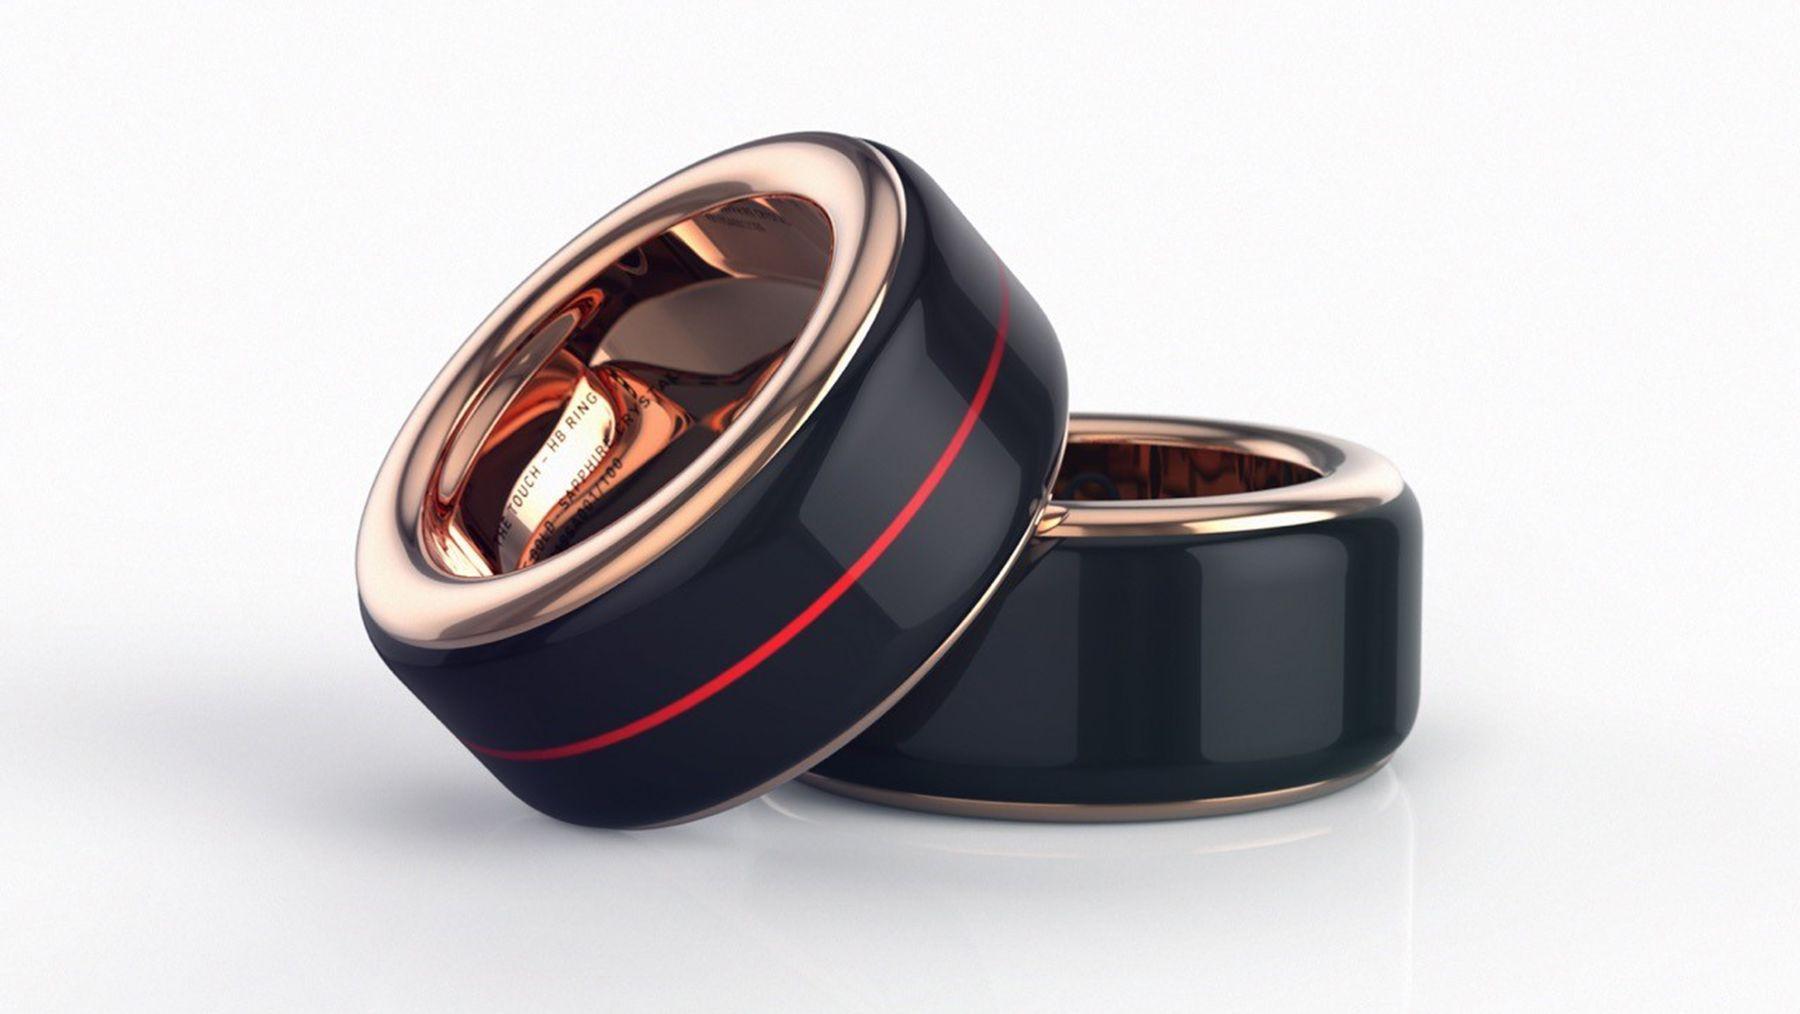 Passend zum Valentinstag: Der HB Ring – Spür den Herzschlag deines Partners | Gadgets | Was is hier eigentlich los?